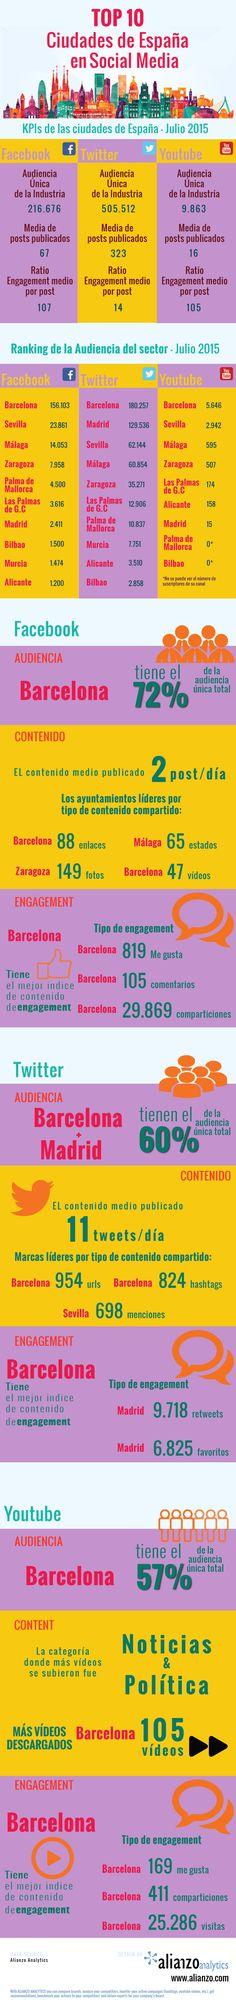 Top 10 ciudades de España en Redes Sociales #infografia